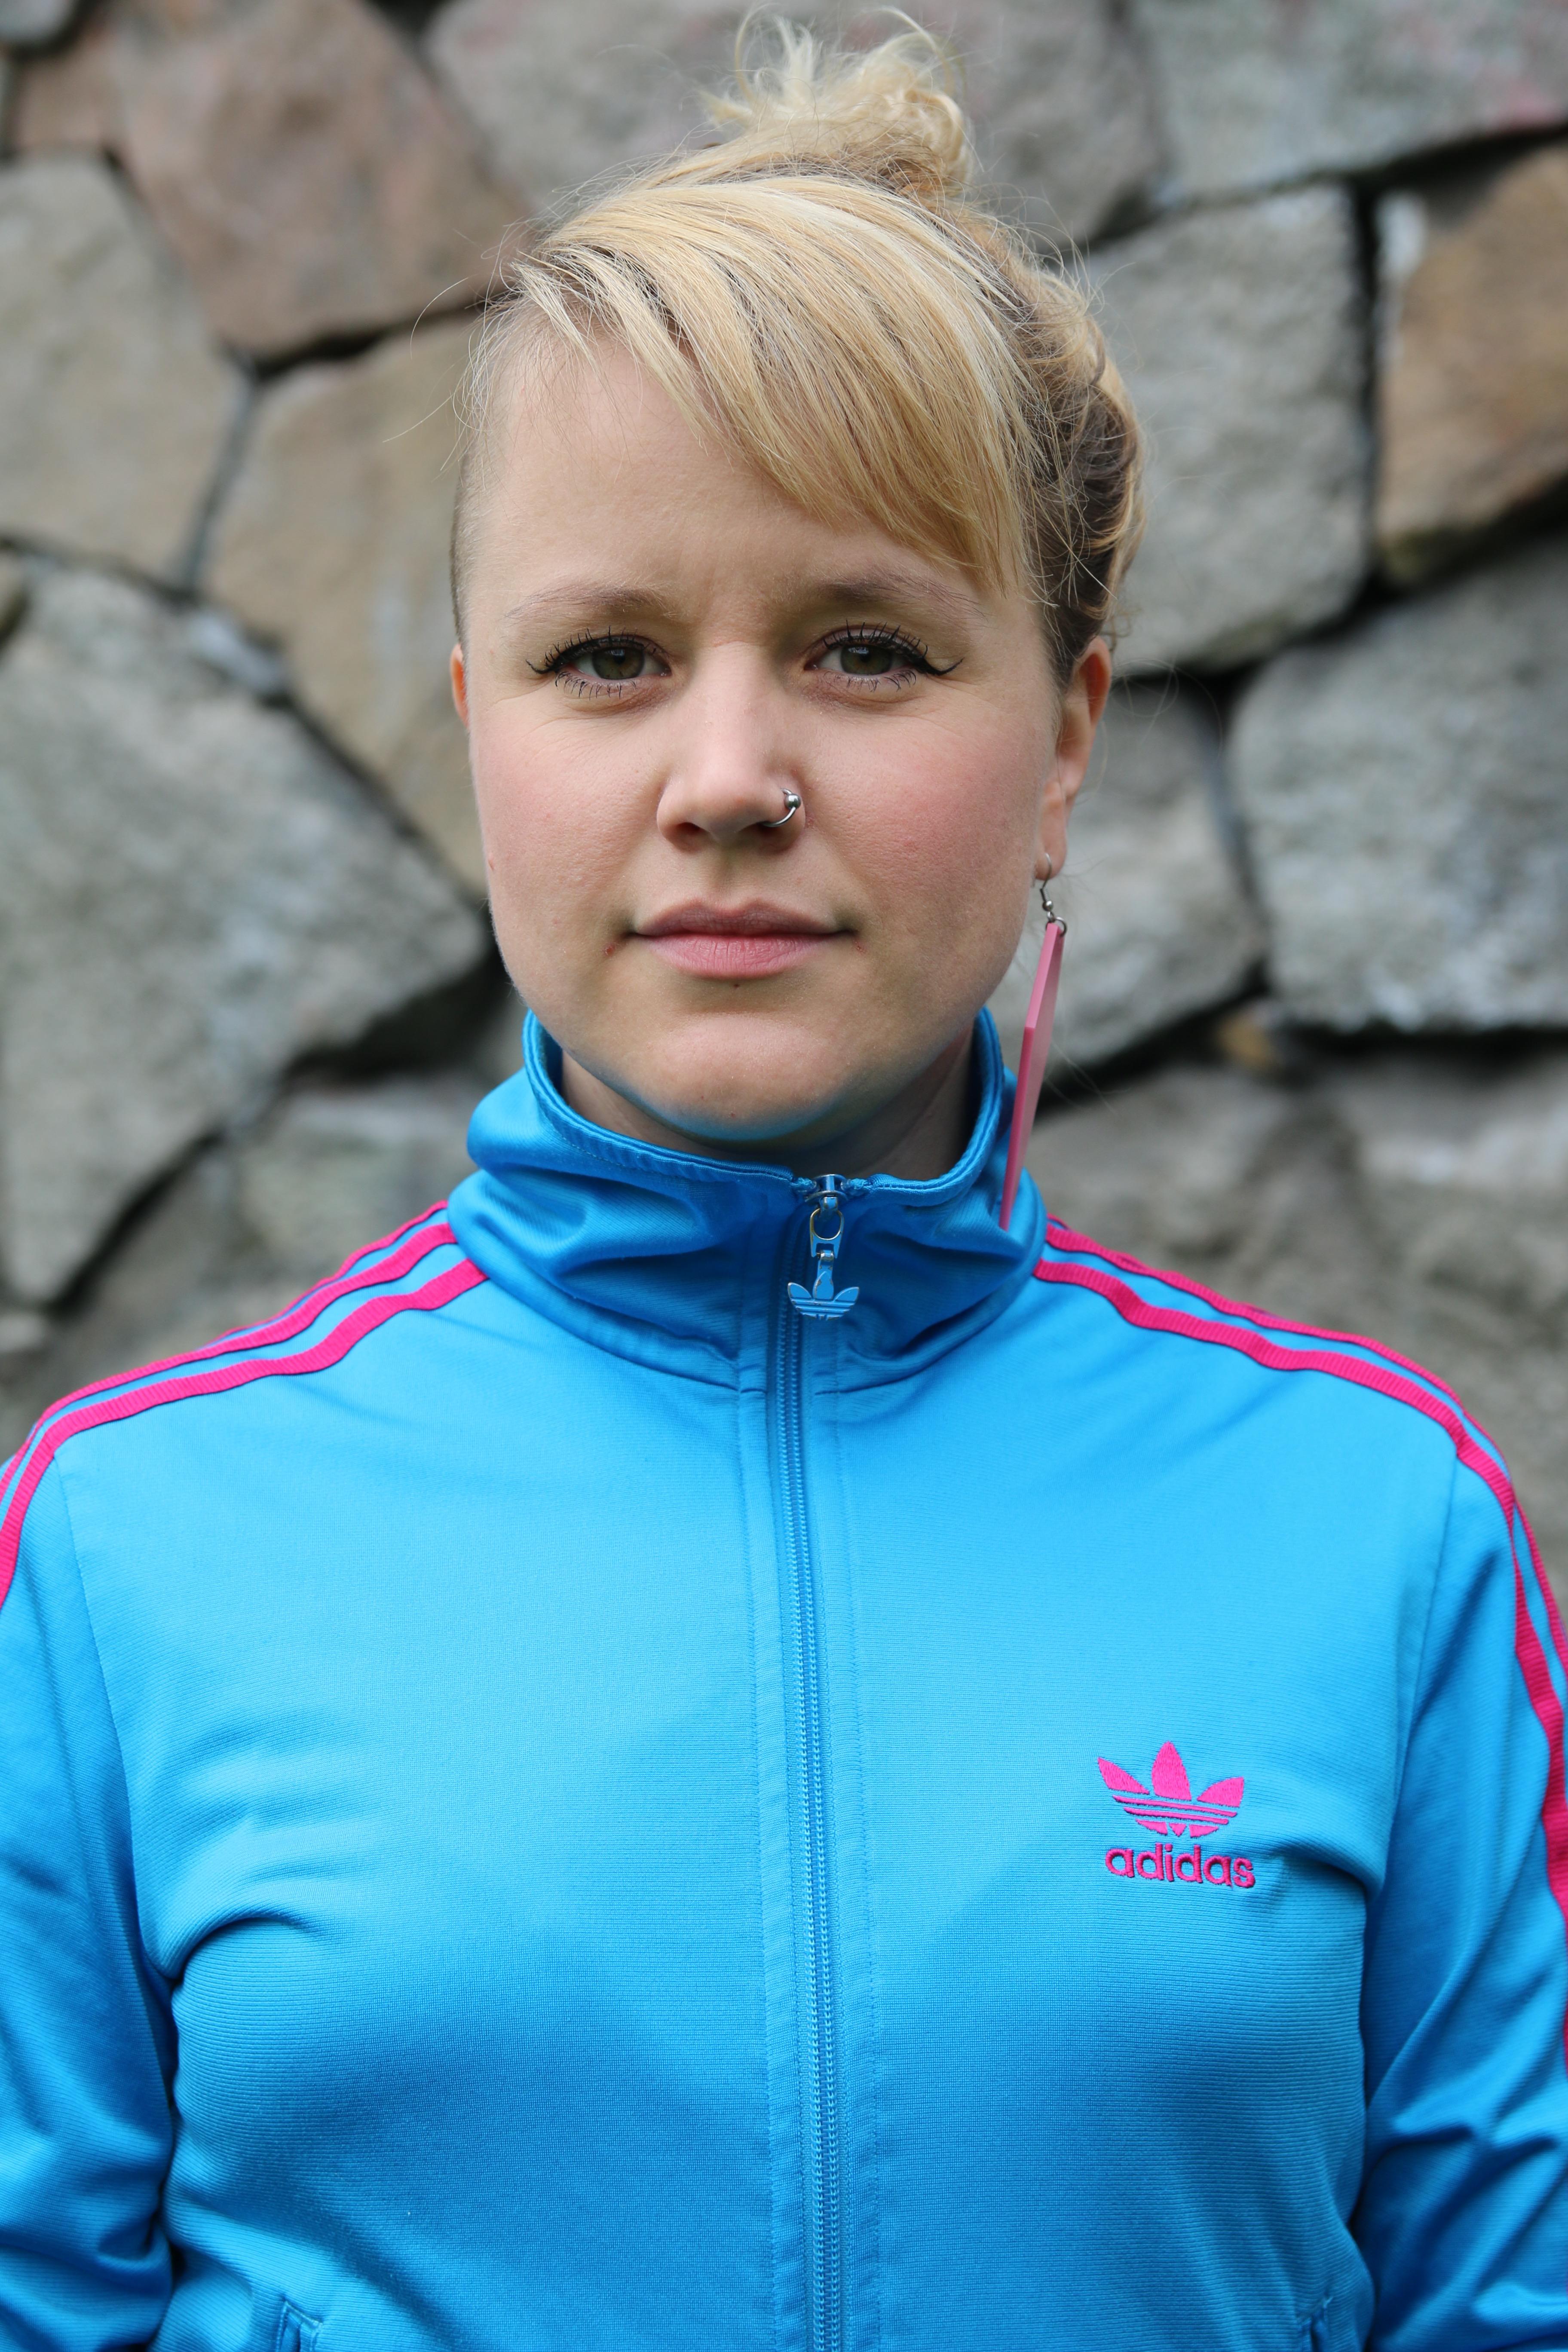 Anja, projektledare och kurator, har ljust uppsatt hår, blå tröja med rosa ränder och ett rosa örhänge. Hon tittar in i kameran. I bakgrunden är en stenmur.